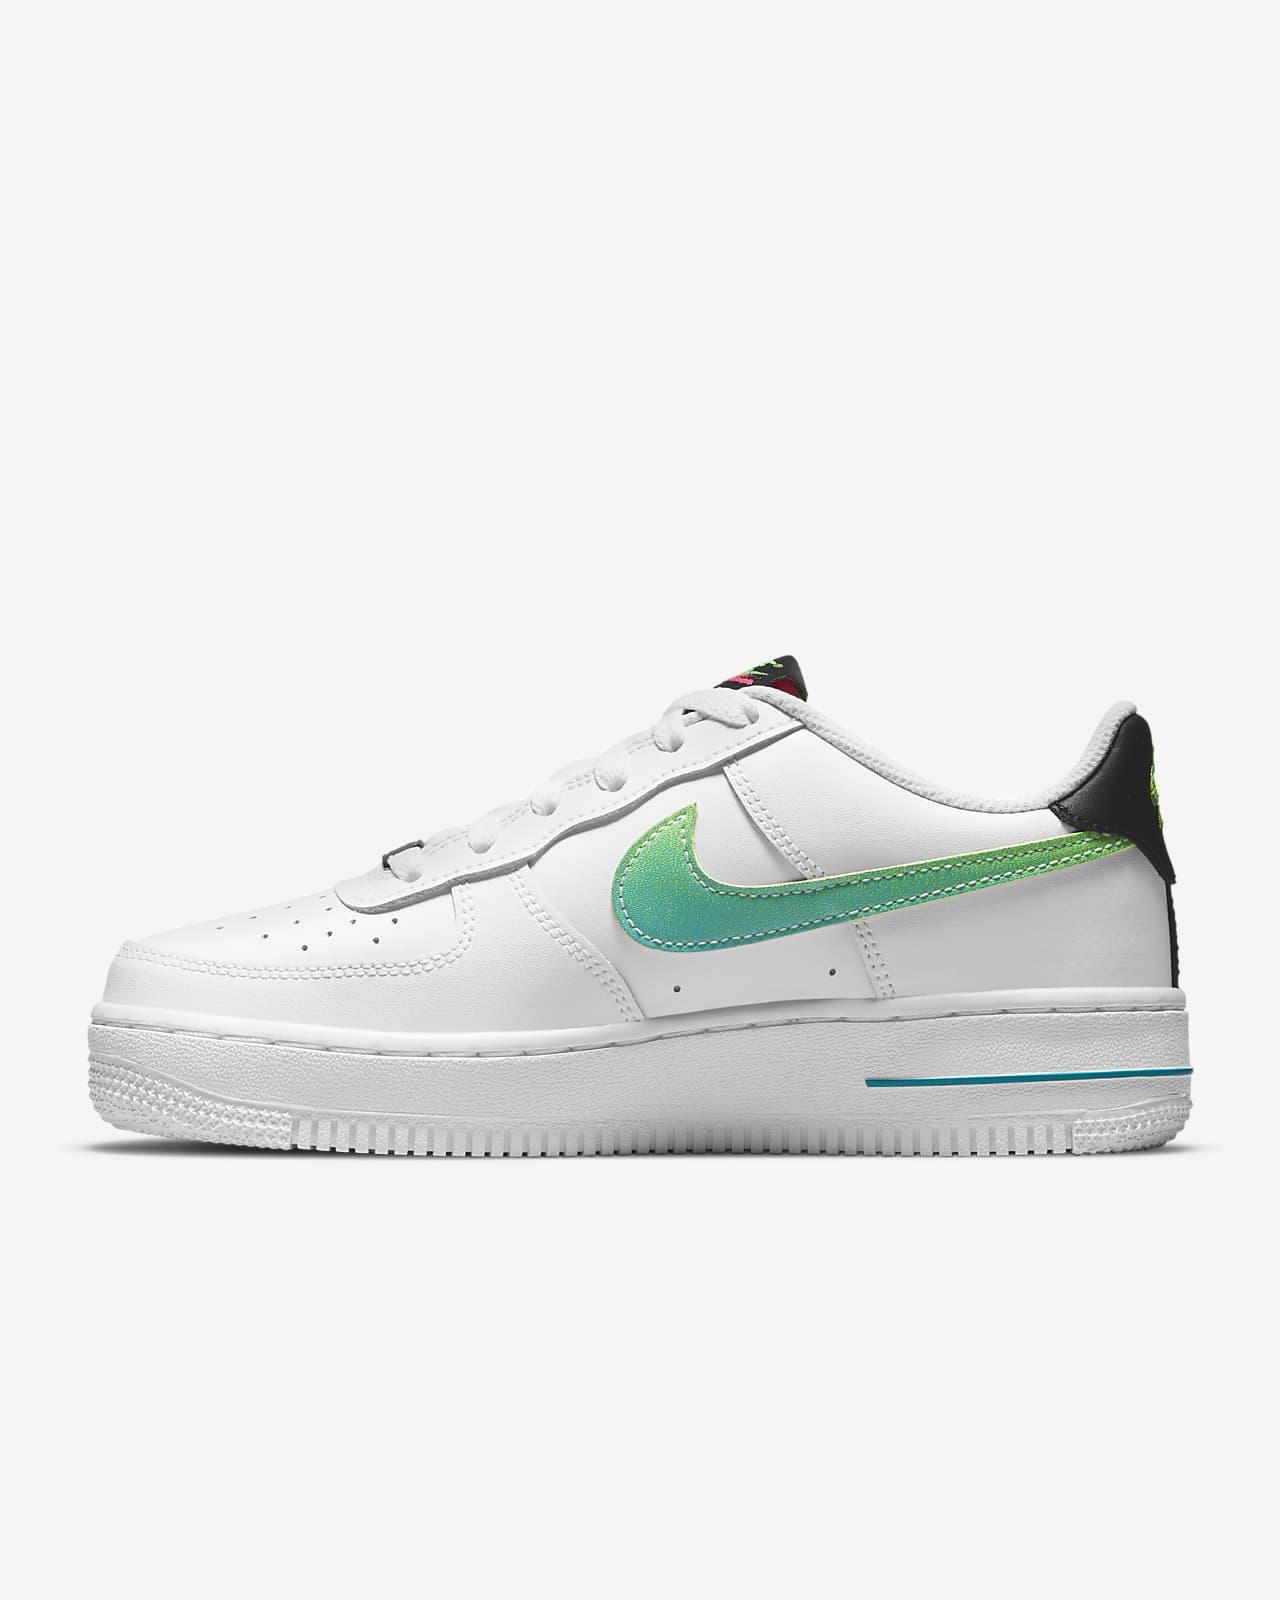 Παπούτσι Nike Air Force 1 LV8 1 για μεγάλα παιδιά